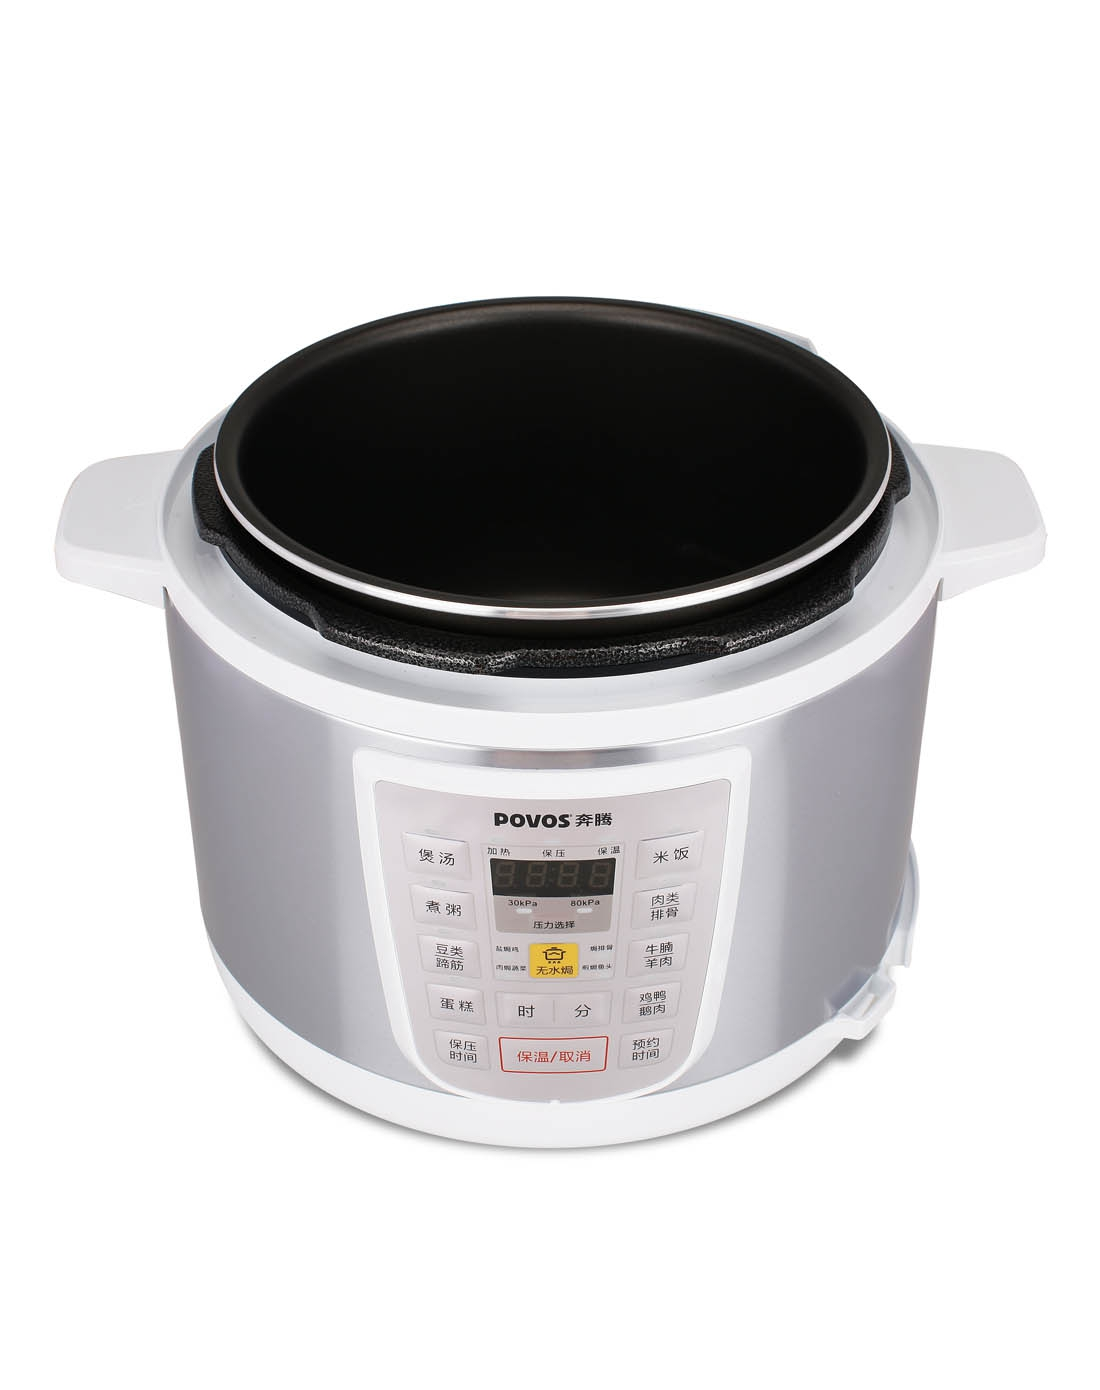 奔腾厨电黑金刚双胆 可调压电压力煲